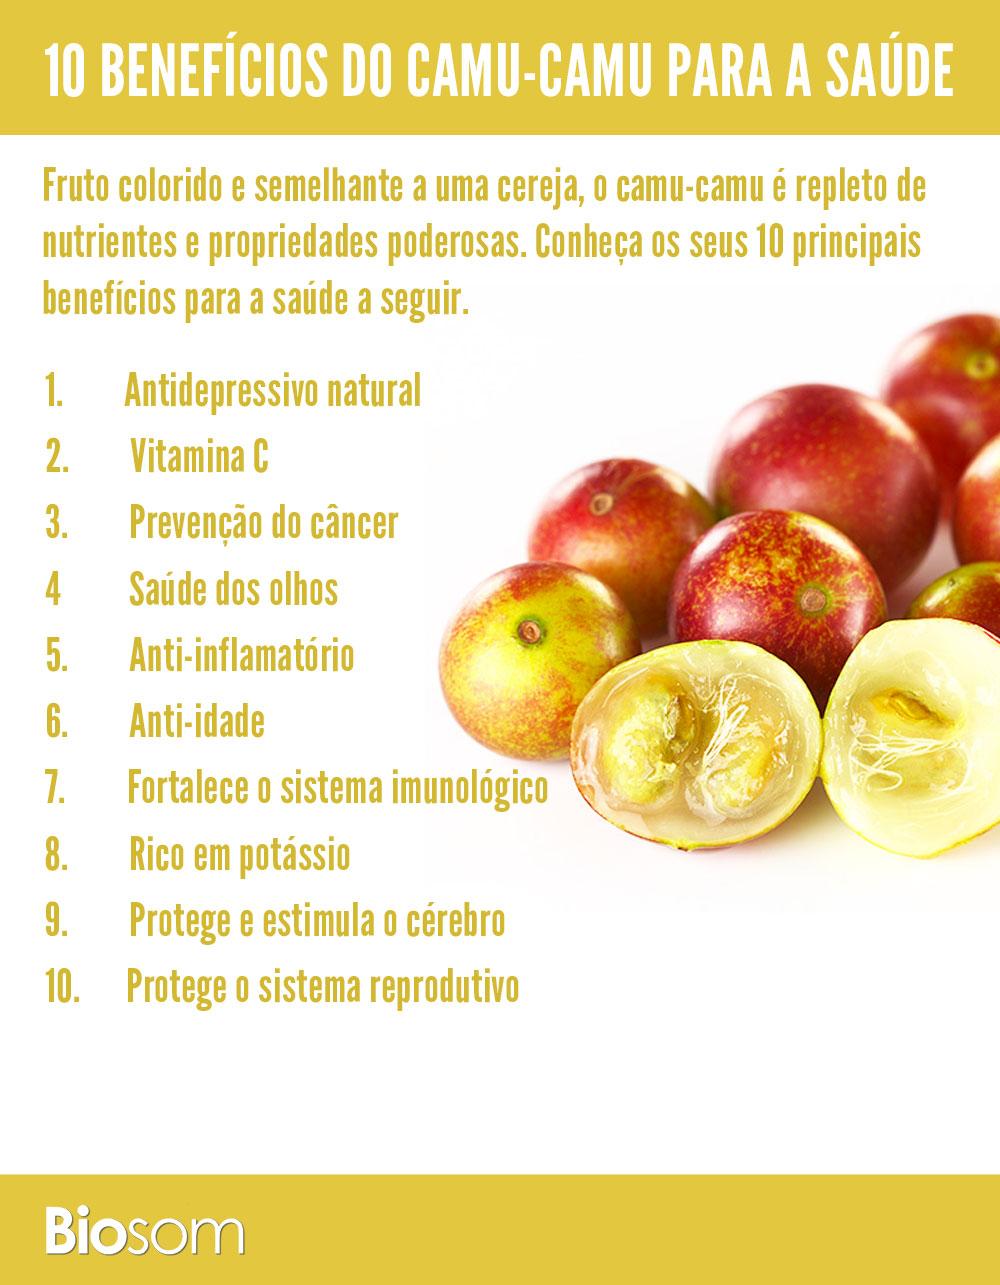 10 beneficios do Camu-Camu para a saúde